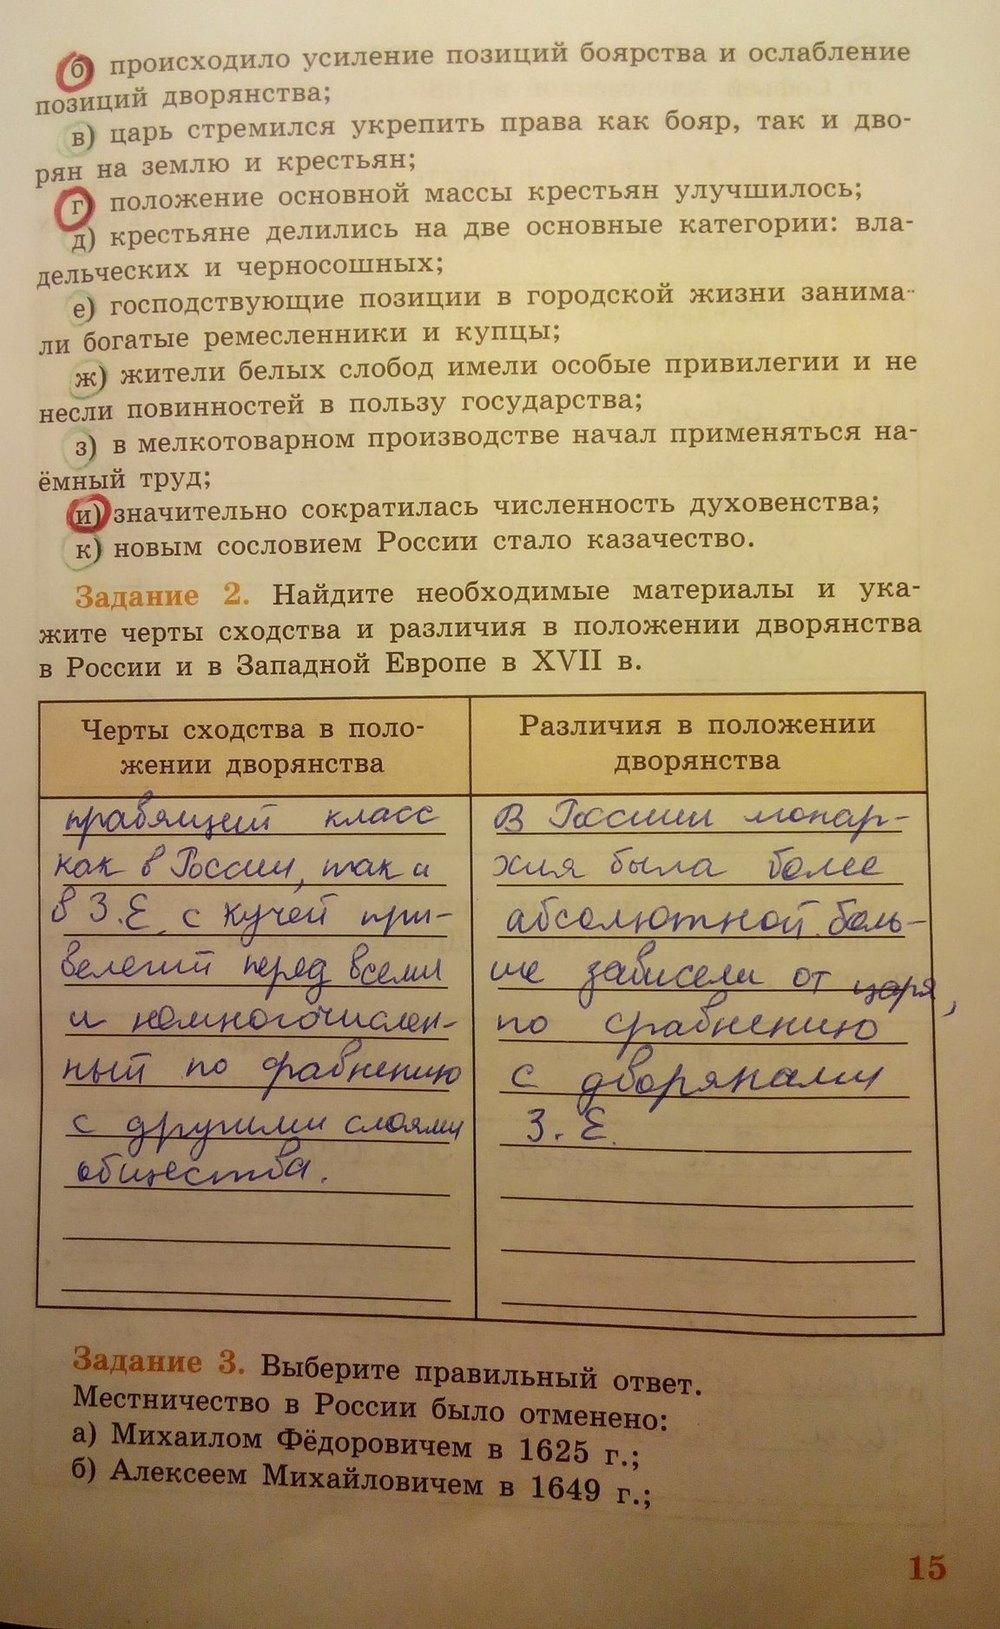 Гдз по истории 6 класса история россии данилов